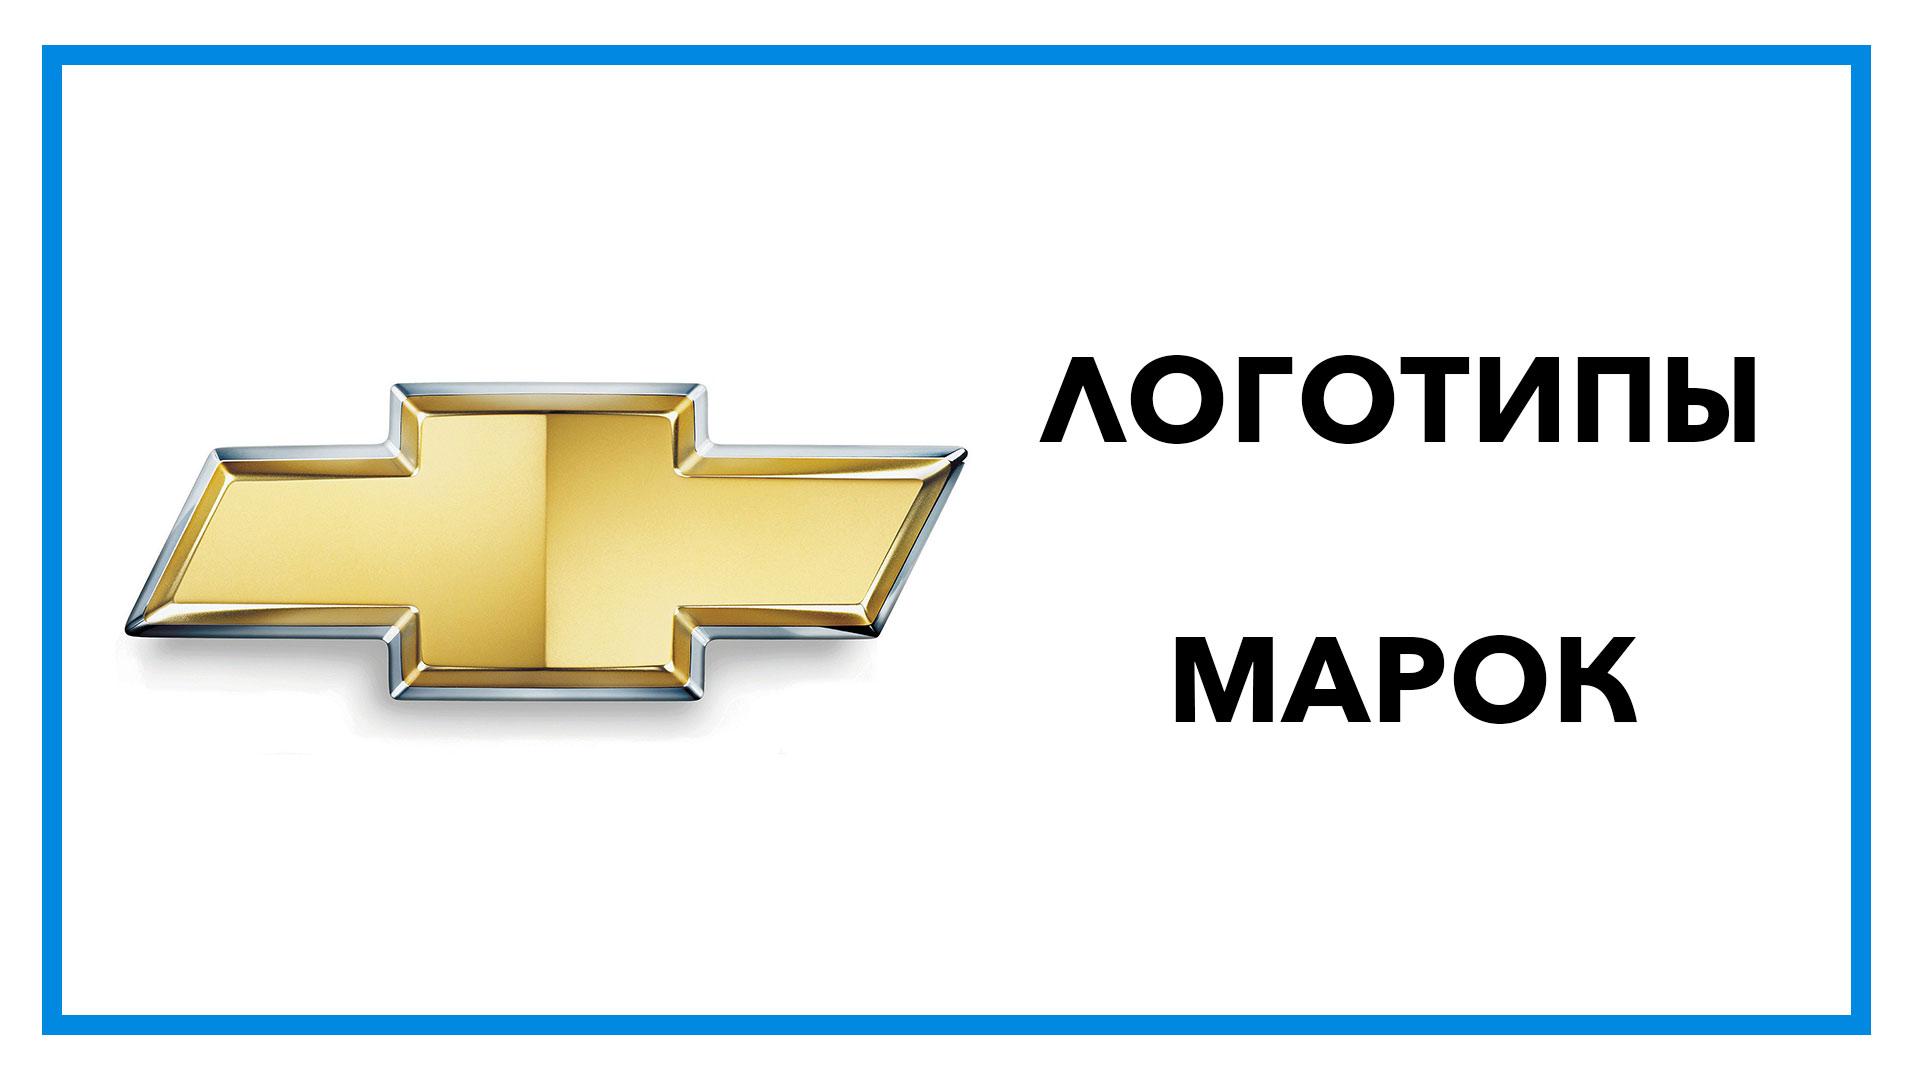 logotipy-marok.jpg